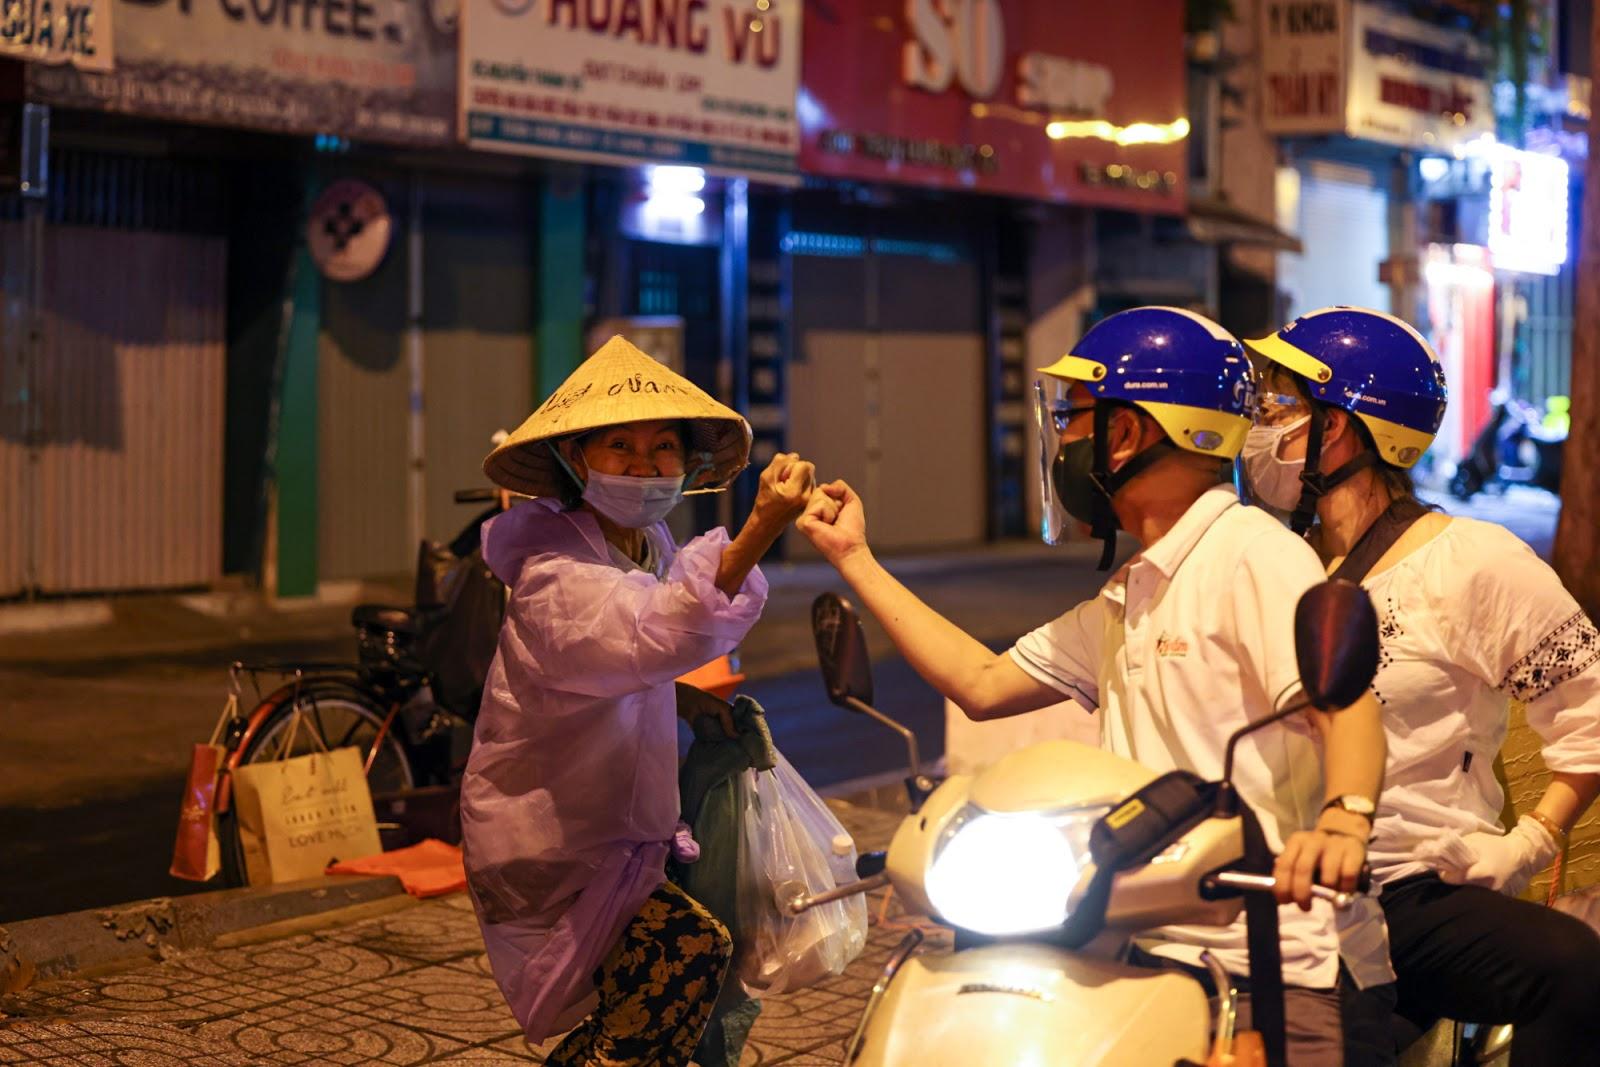 Bánh mì Sài Gòn 0 đồng mùa dịch, trả phí bằng nụ cười - 3